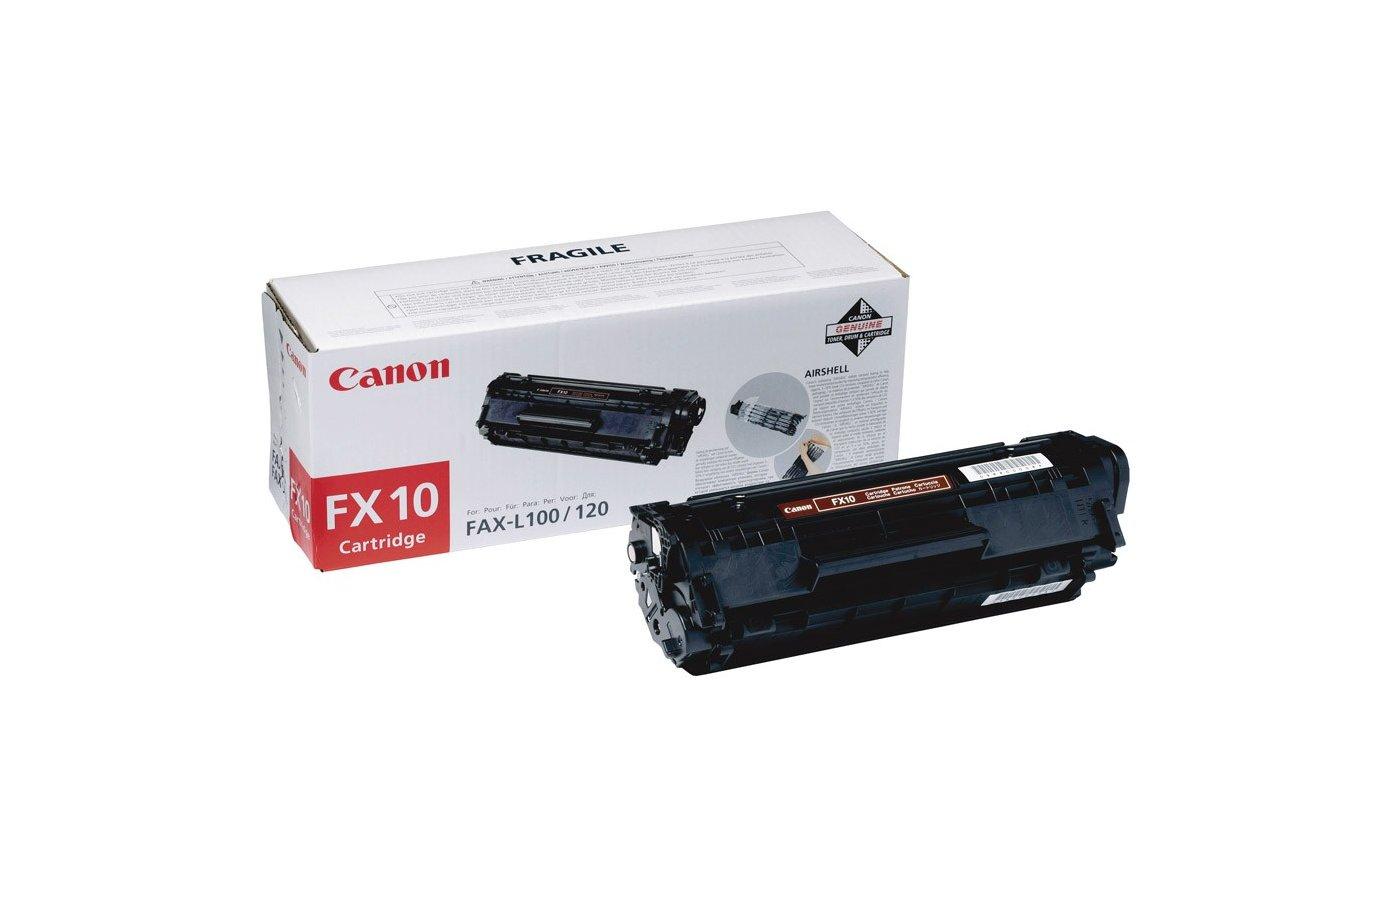 Картридж лазерный Canon FX-10 для MF4018/4120/4140/4150/4270/4320/4330/4340/4350/4370